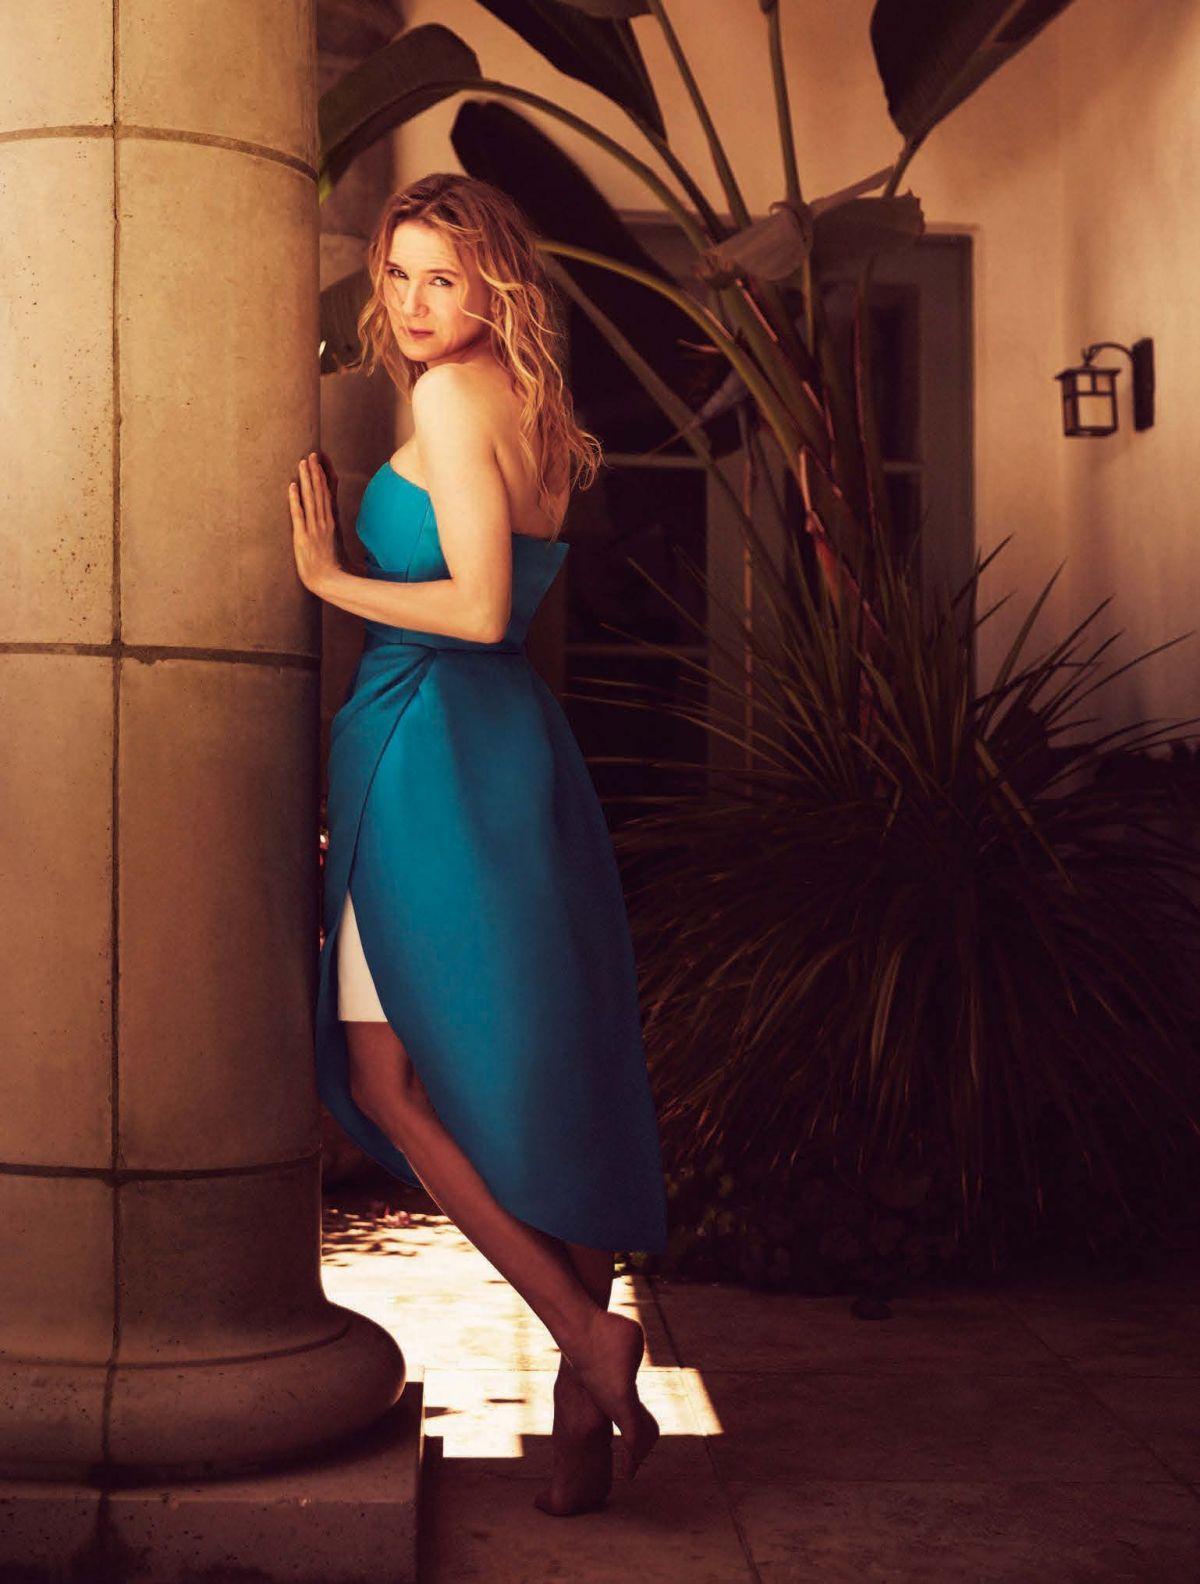 Renee Zellweger PhotoShoot For The Hollywood Reporter September 2016